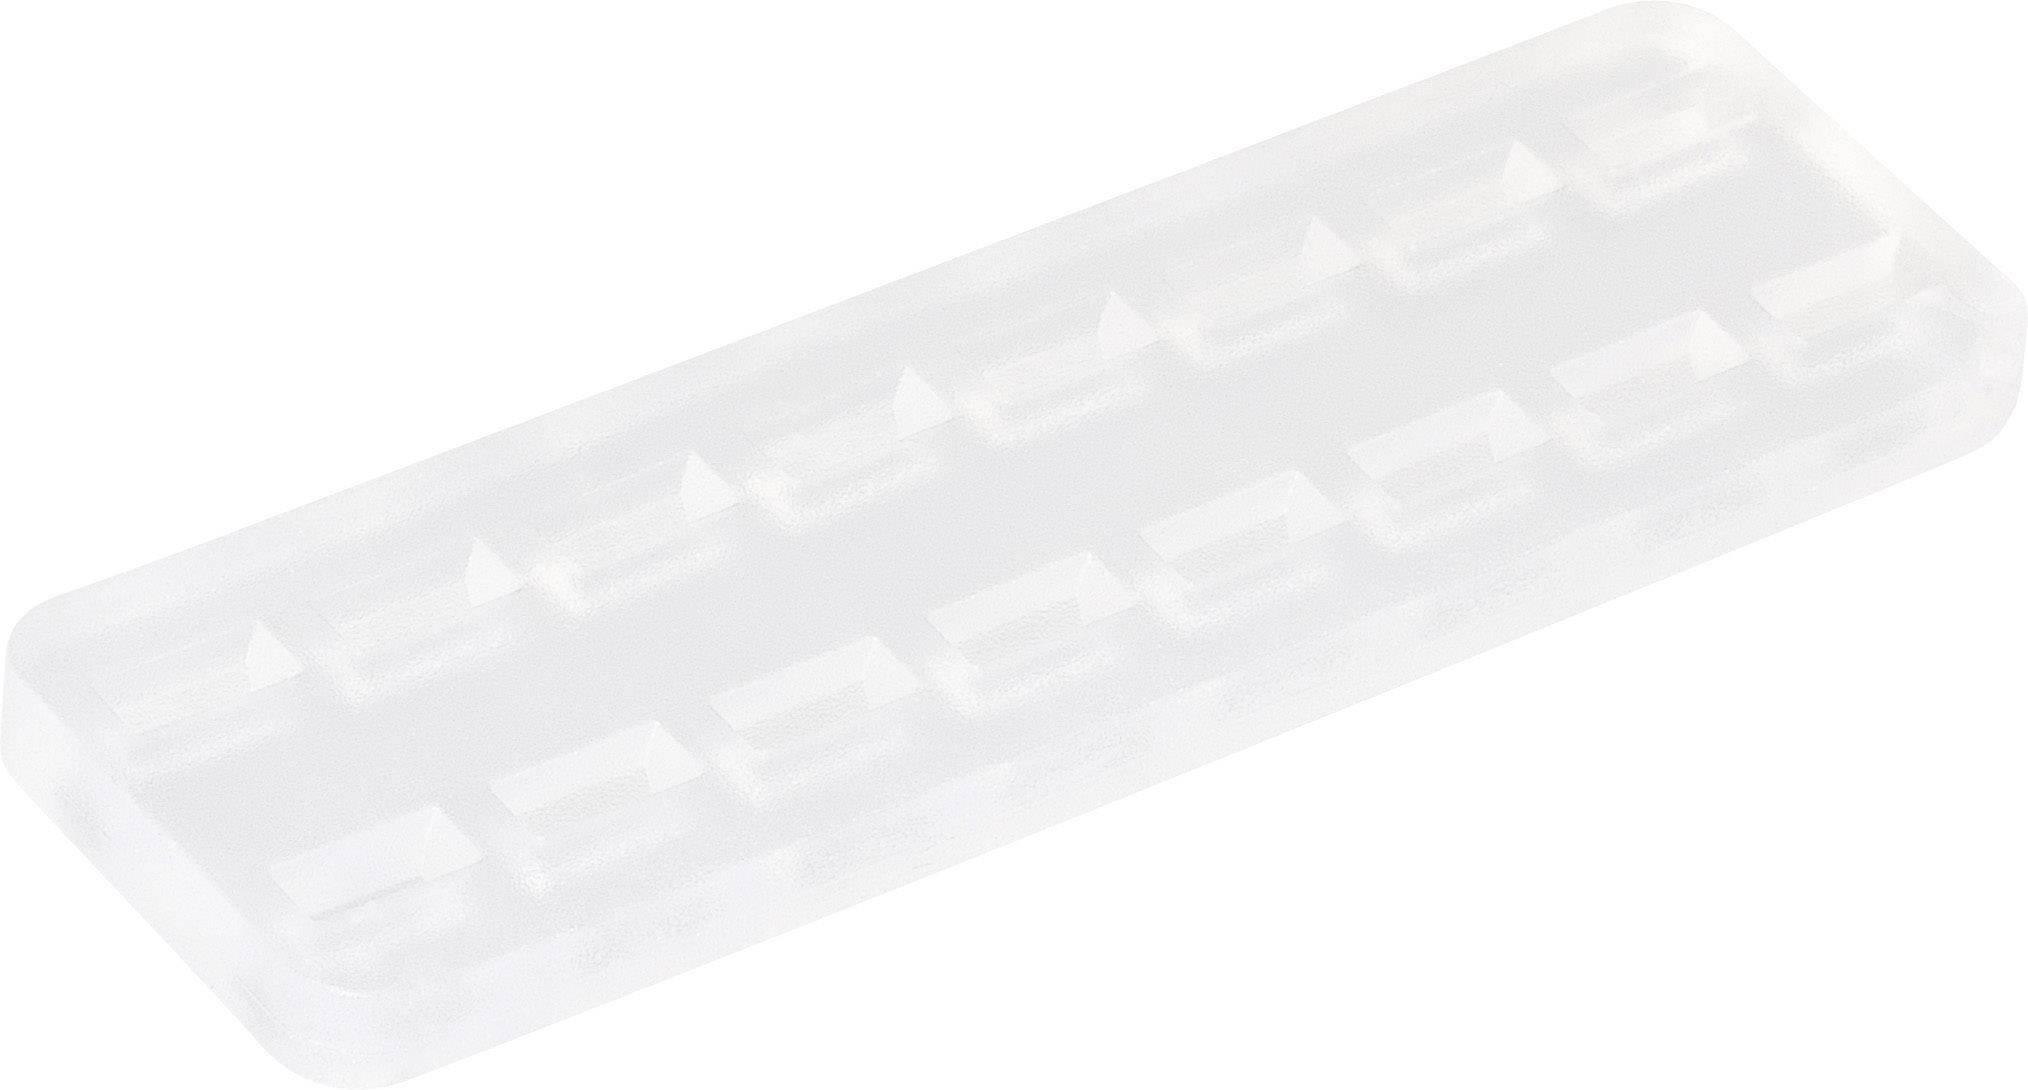 Těsnění pro J-P-T pouzdro TE Connectivity J-P-T (963208-1), přírodní